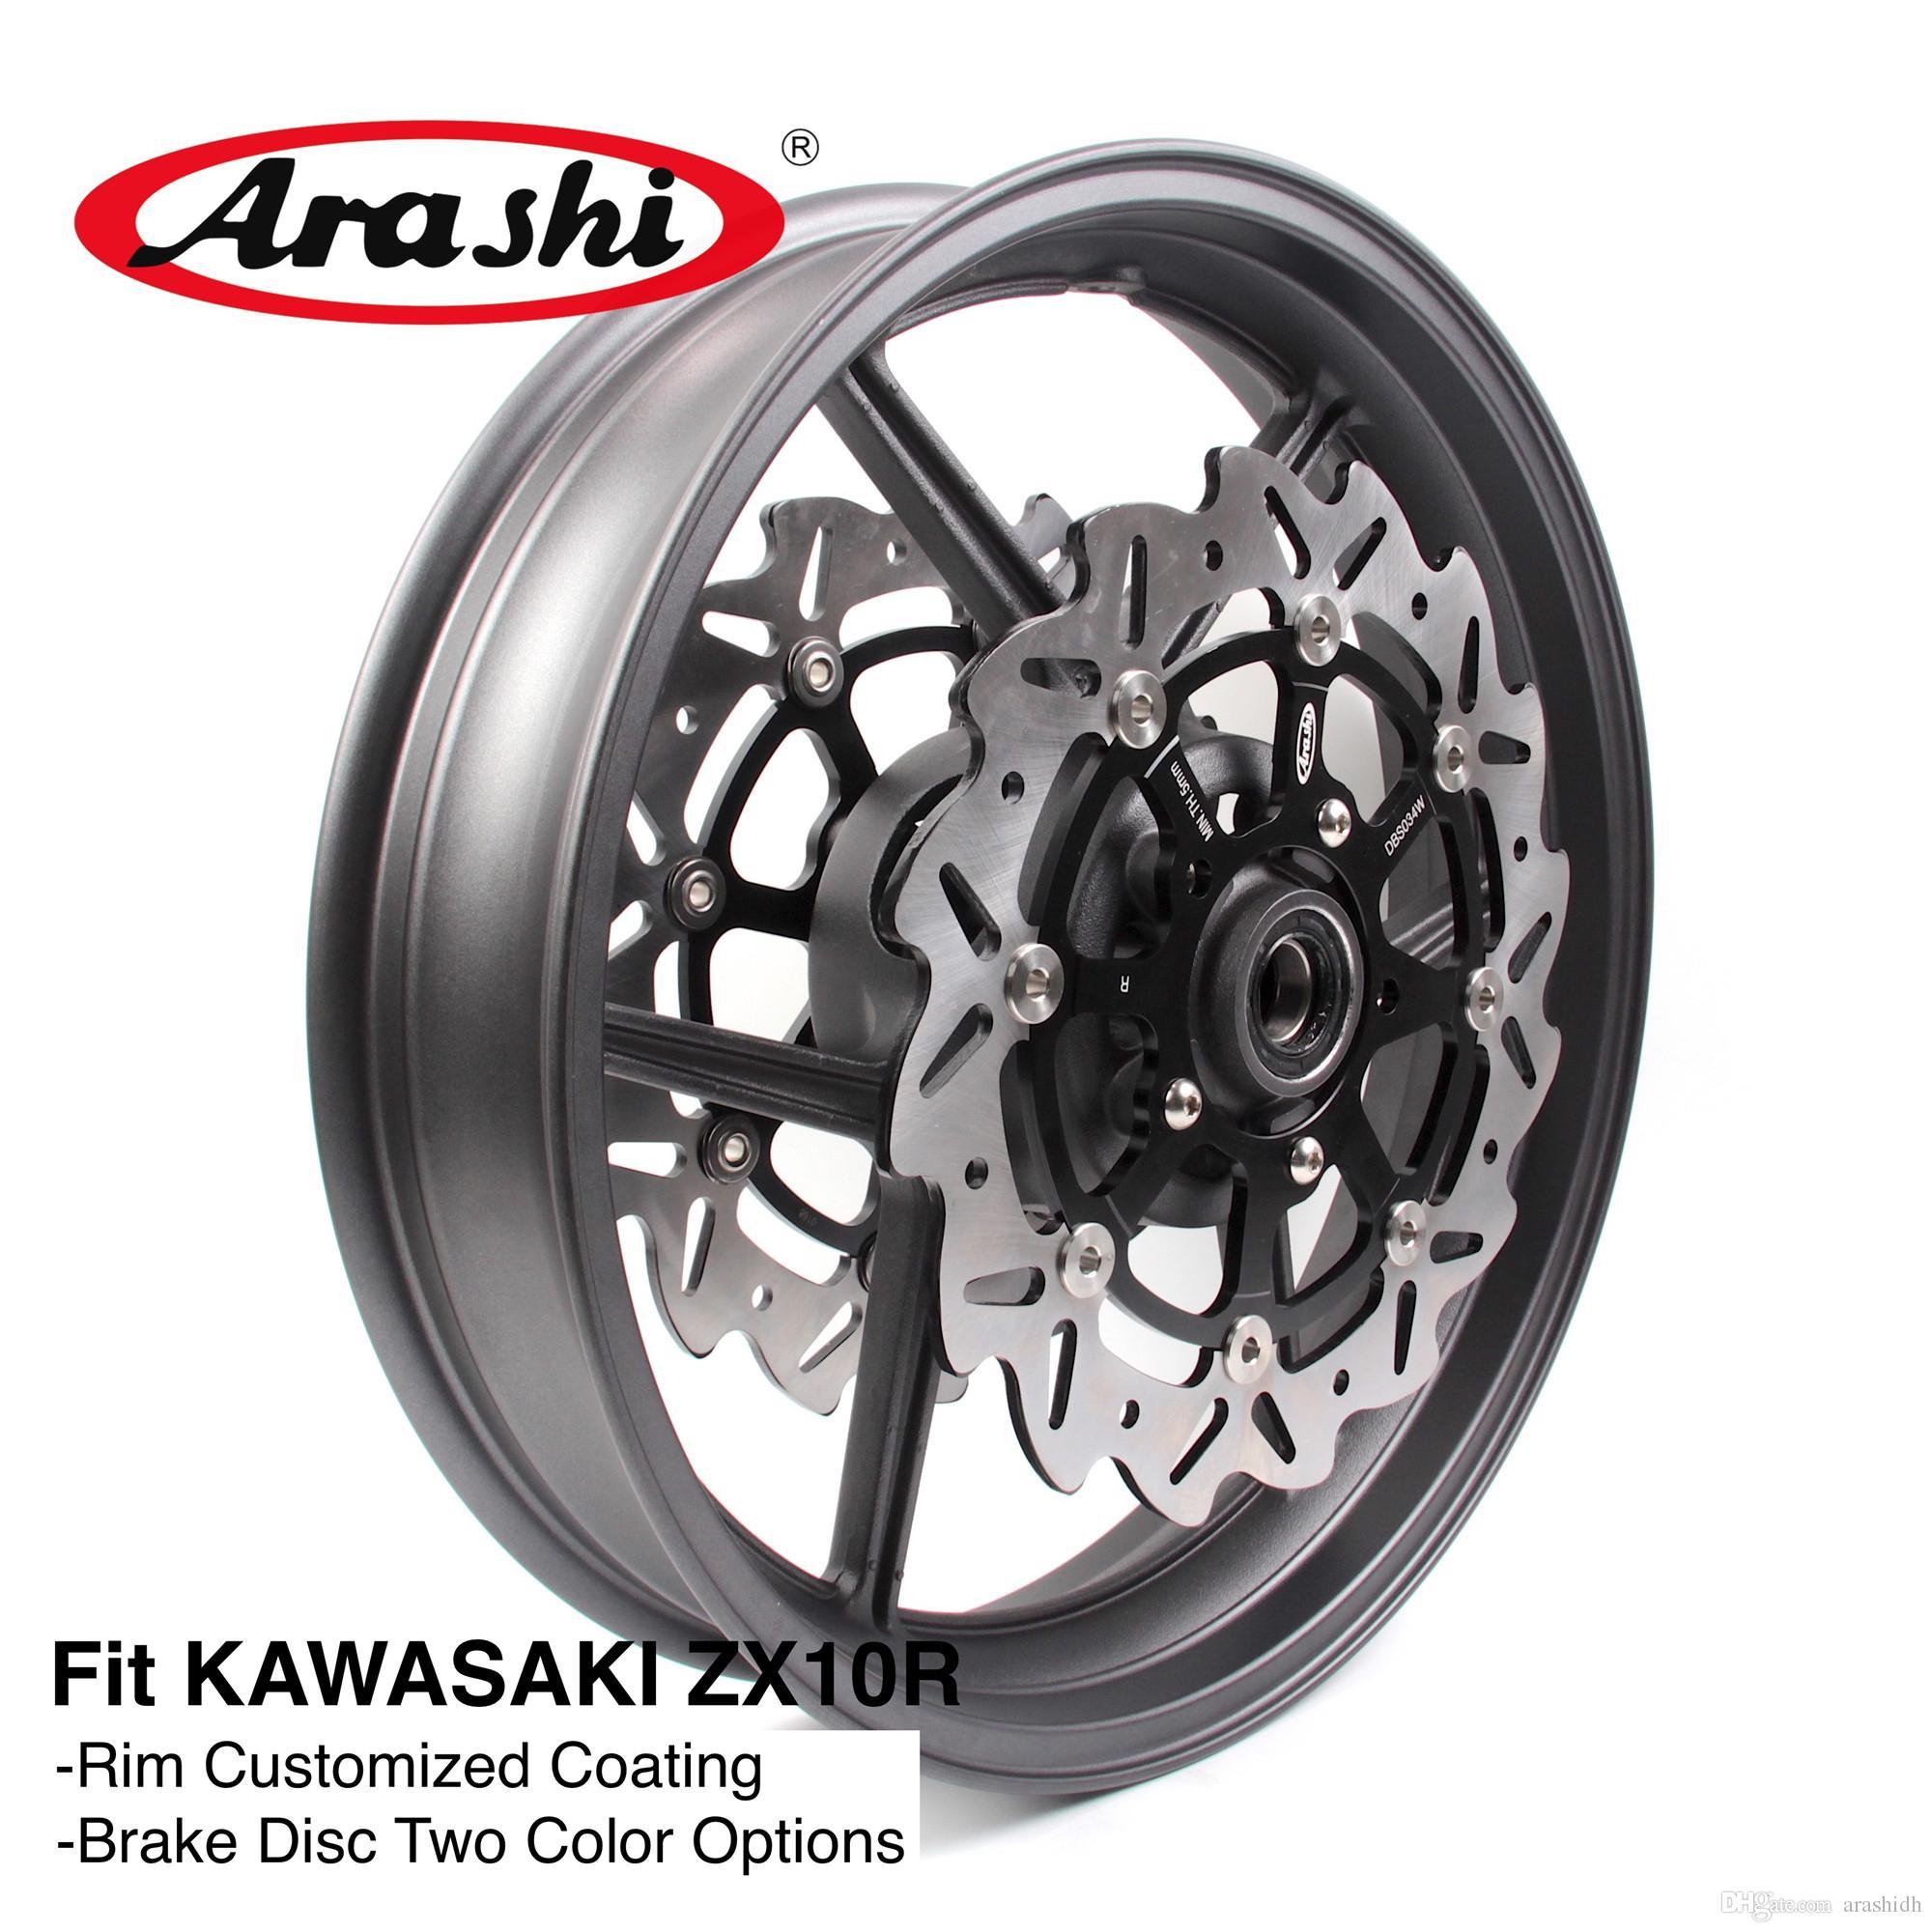 2019 Arashi For Kawasaki Ninja Zx10r 2006 2010 Front Wheel Rim Brake